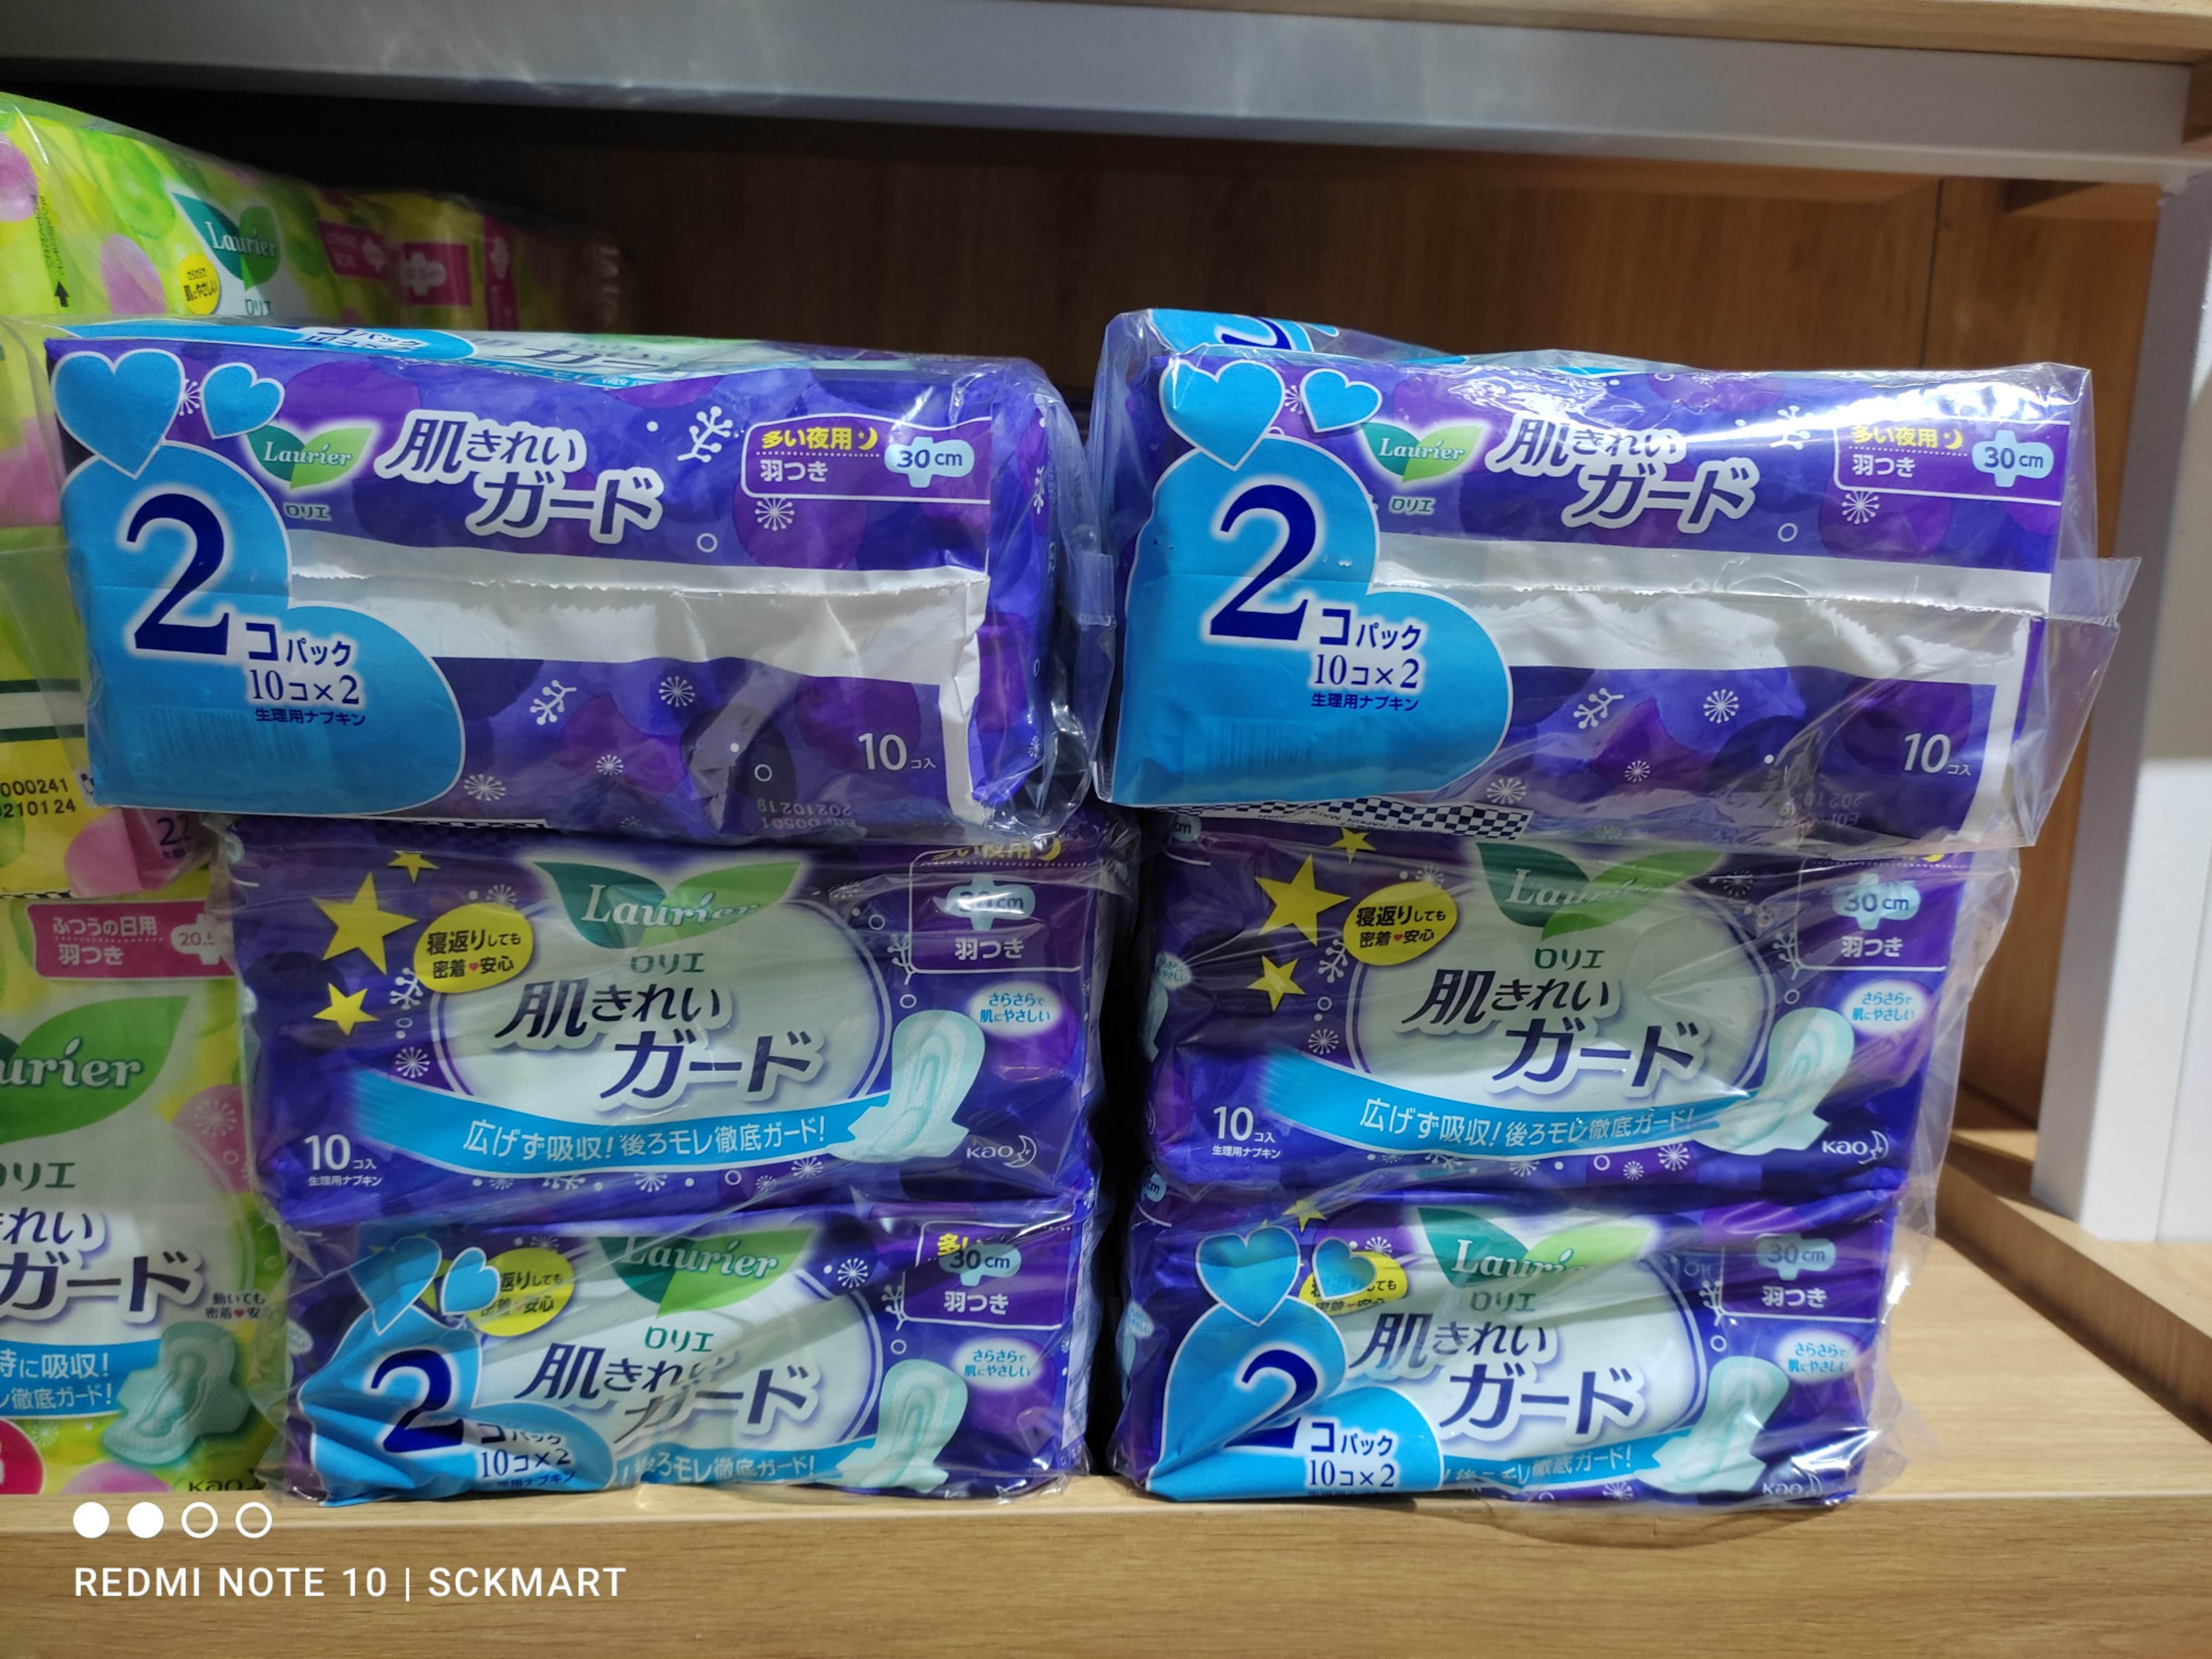 [Rẻ vô địch] [Giá hủy diệt] [Chính hãng] Băng vệ sinh Đêm Laurier có cánh 2 x 10 miếng giá rẻ